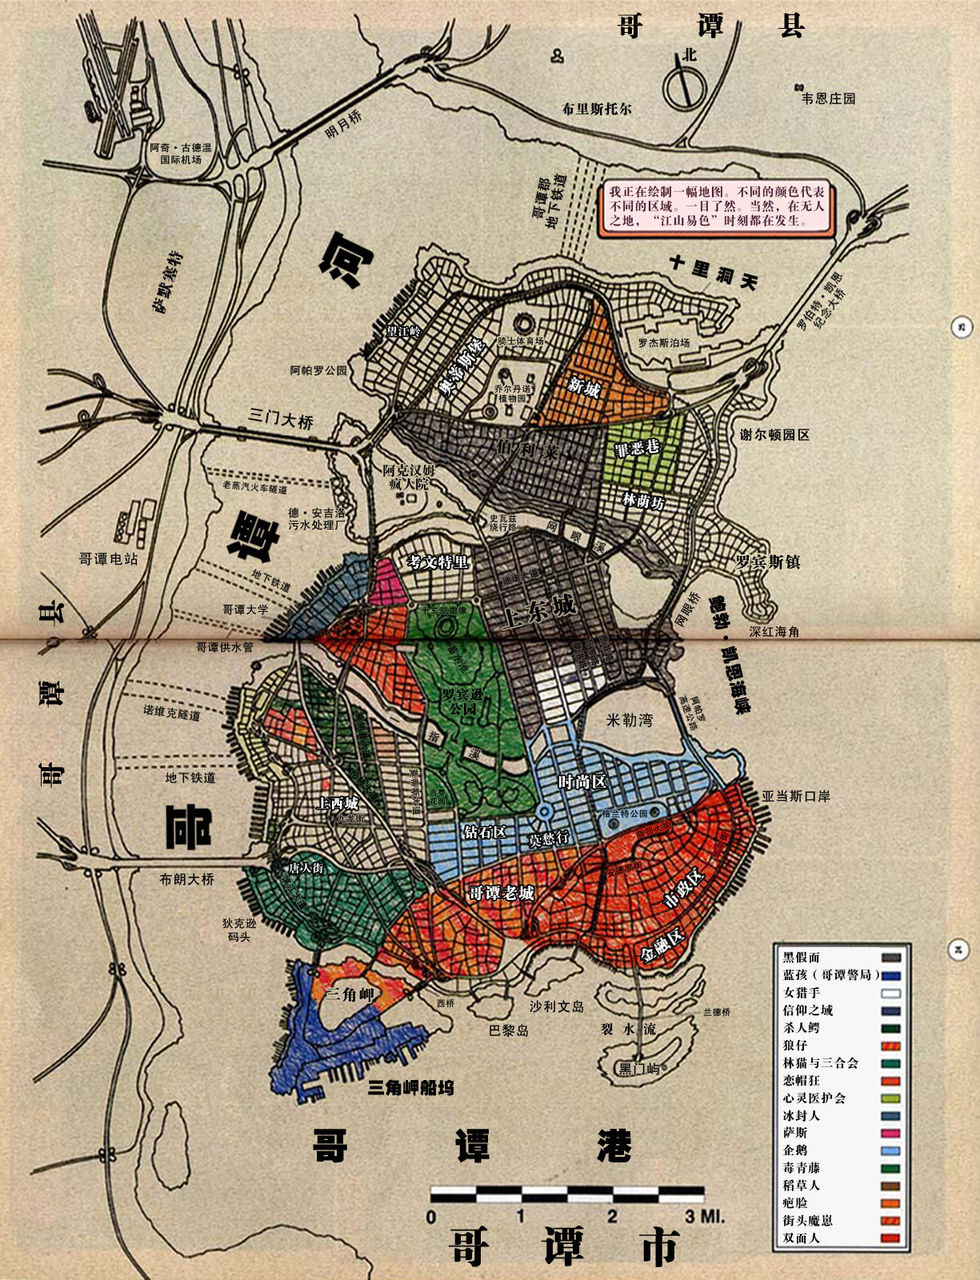 哥谭市主要区域